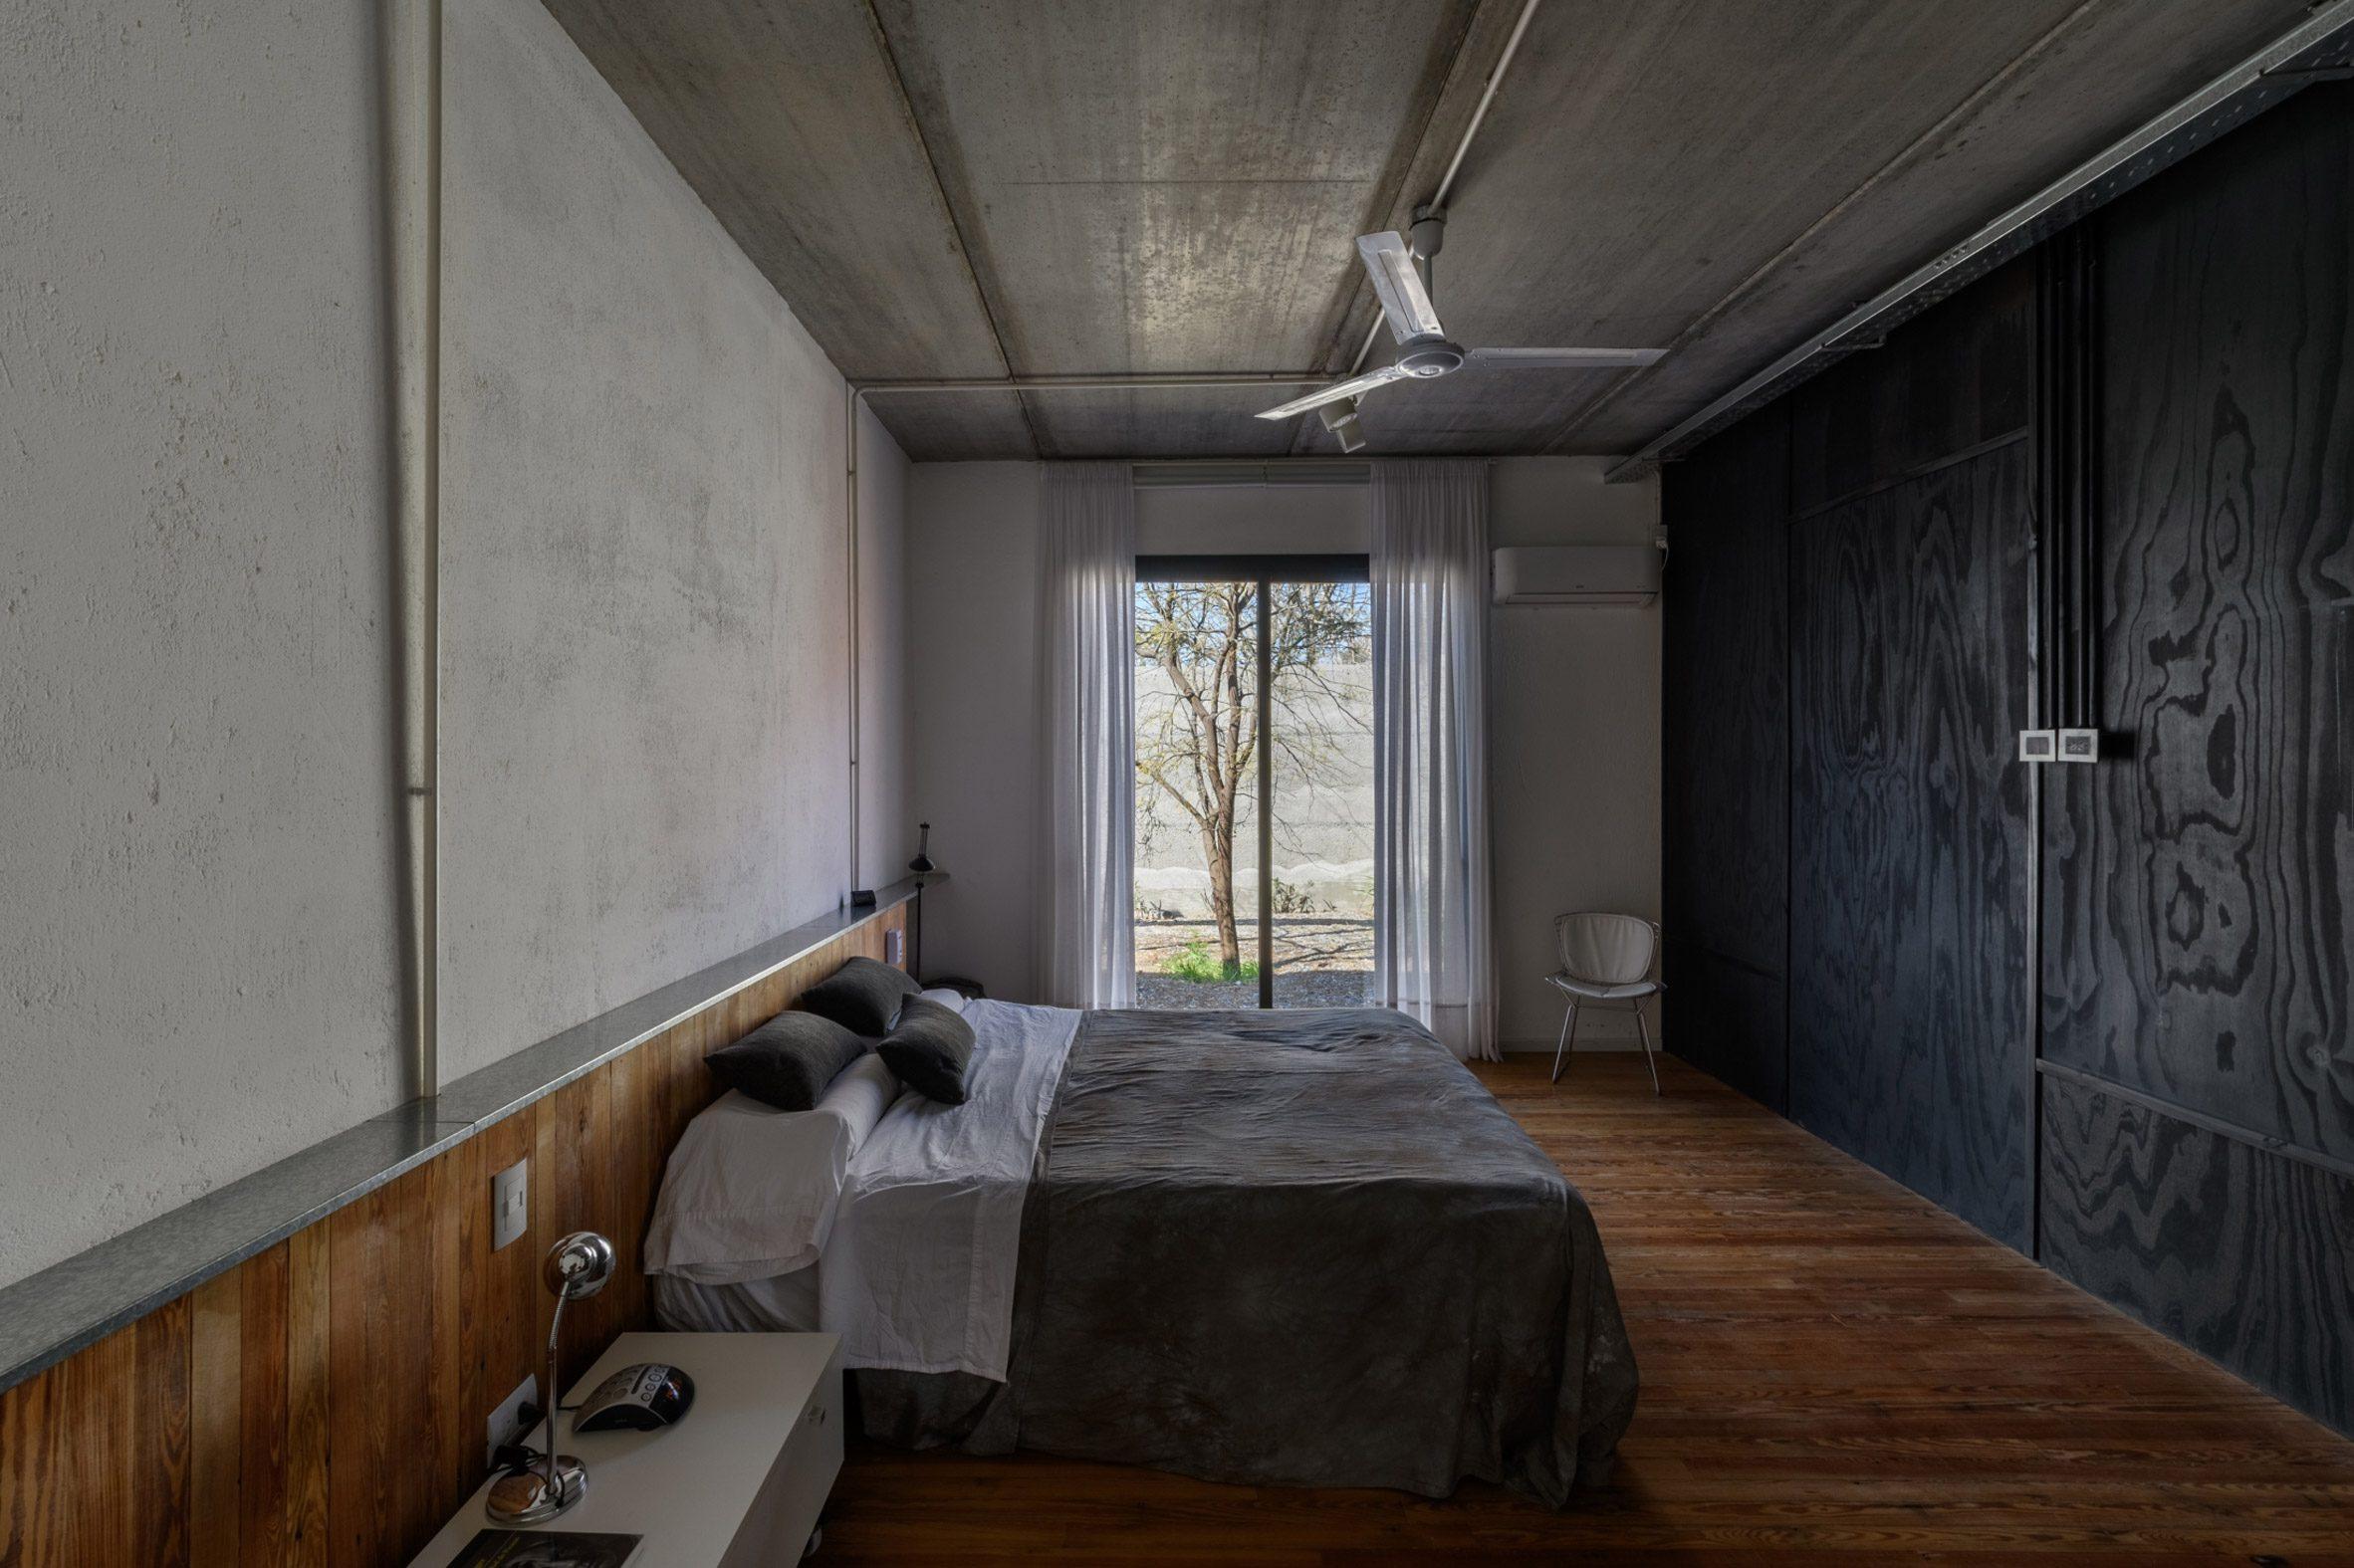 Dark interiors in one of the bedrooms